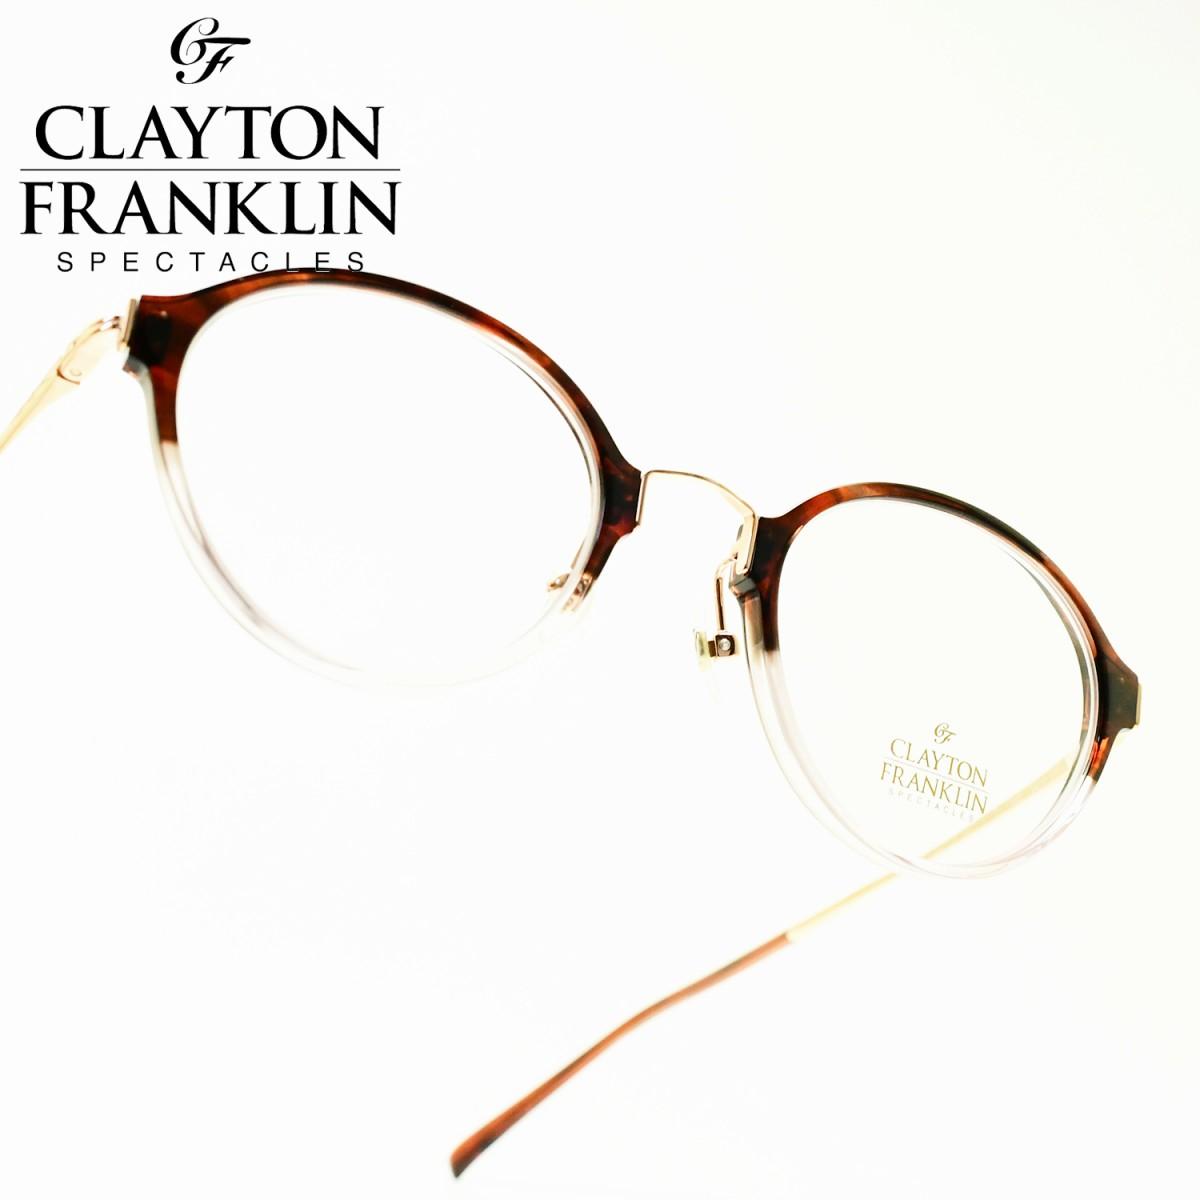 CLAYTON FRANKLIN クレイトンフランクリン633 BSPH(ブラウンササハーフ/デモレンズ)メガネ 眼鏡 めがね メンズ レディース おしゃれブランド 人気 おすすめ フレーム 流行り 度付き レンズ